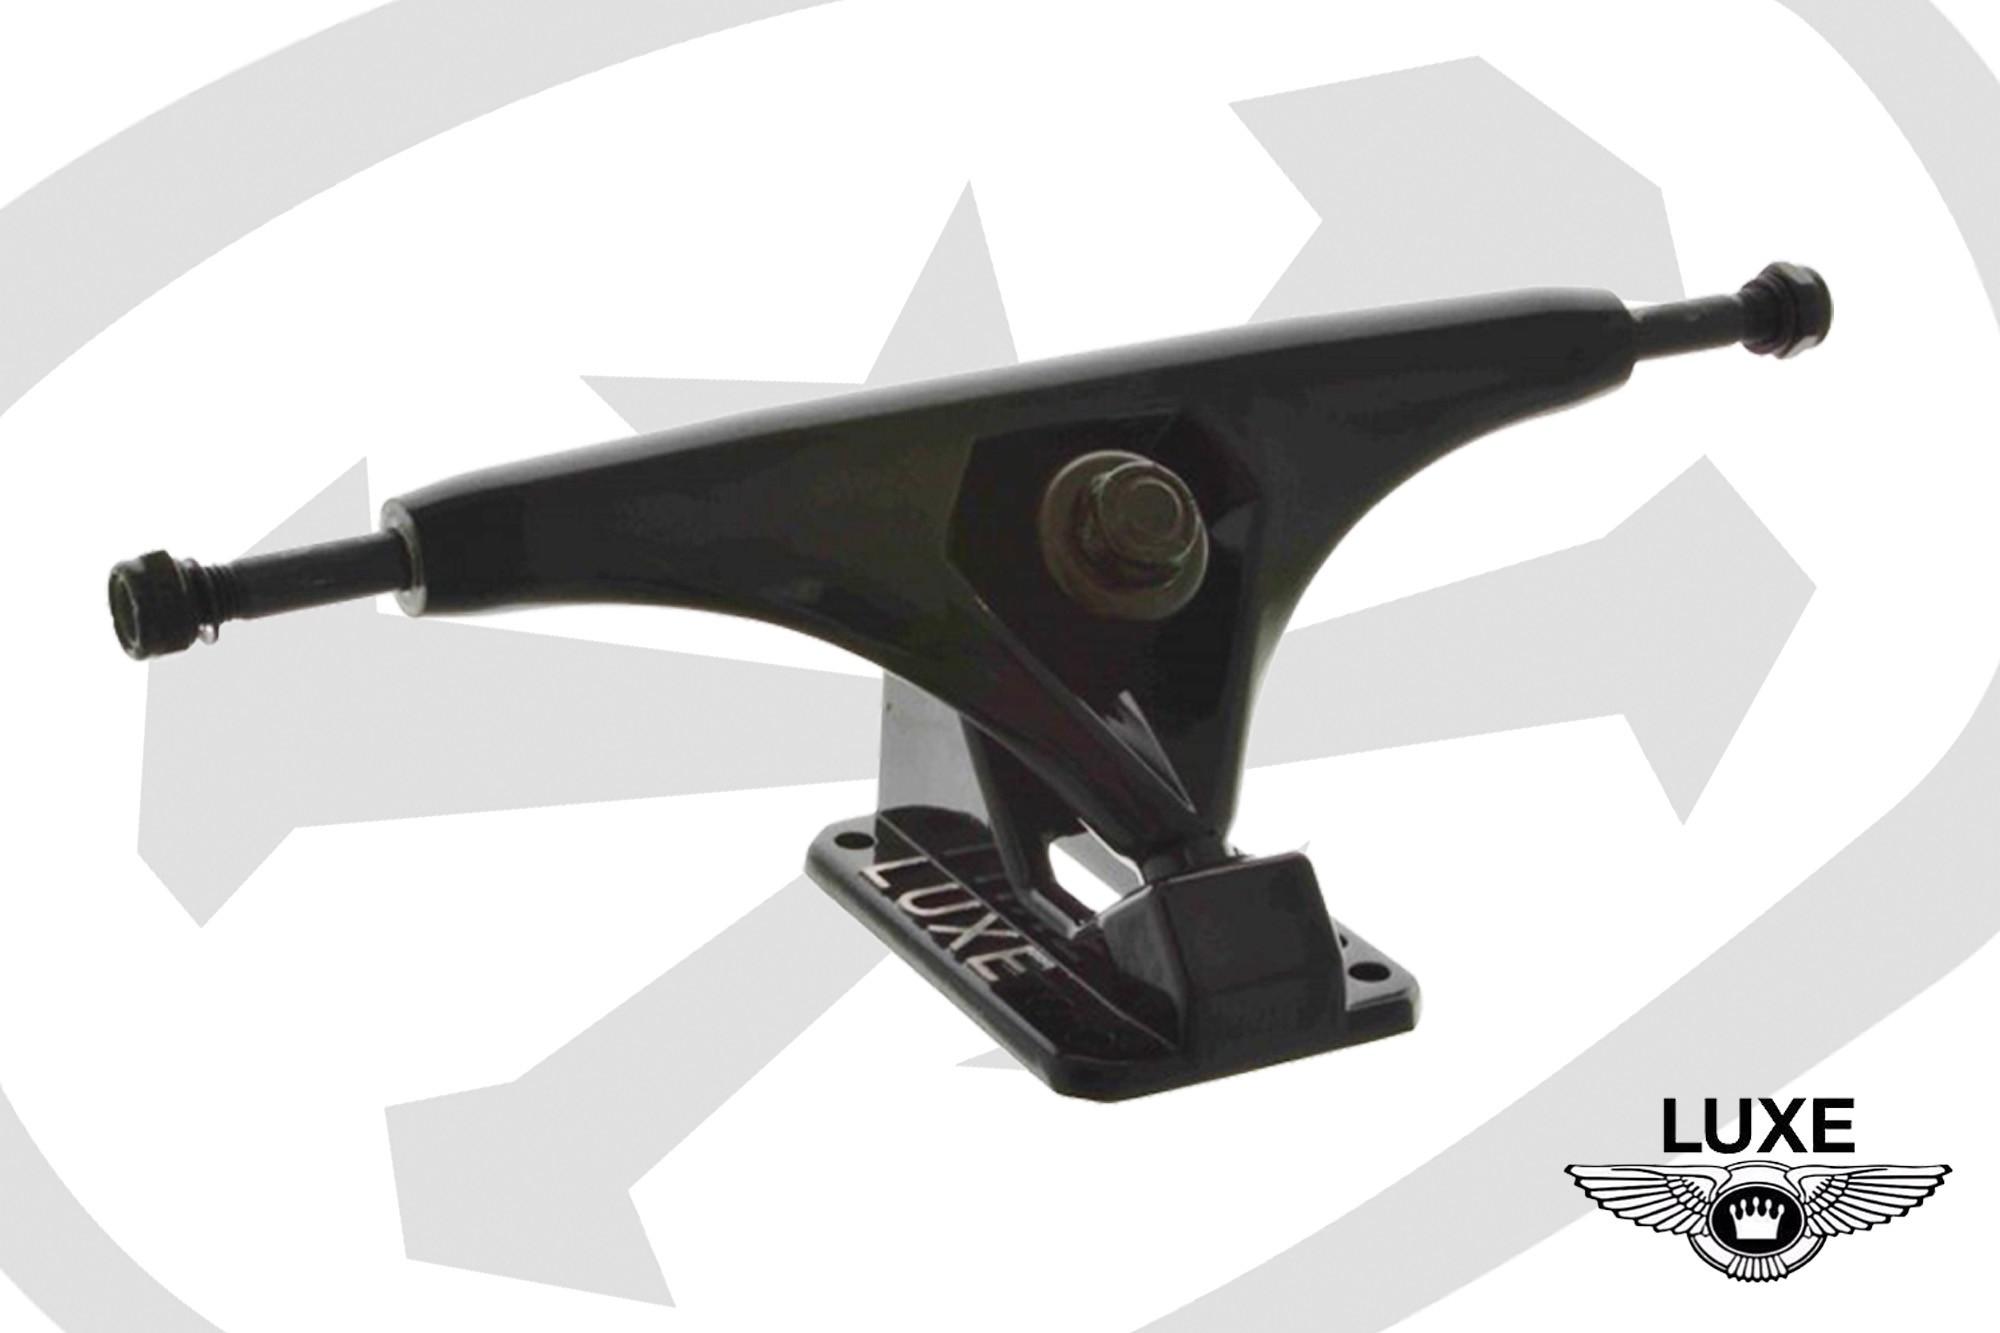 Luxe 180mm Noir